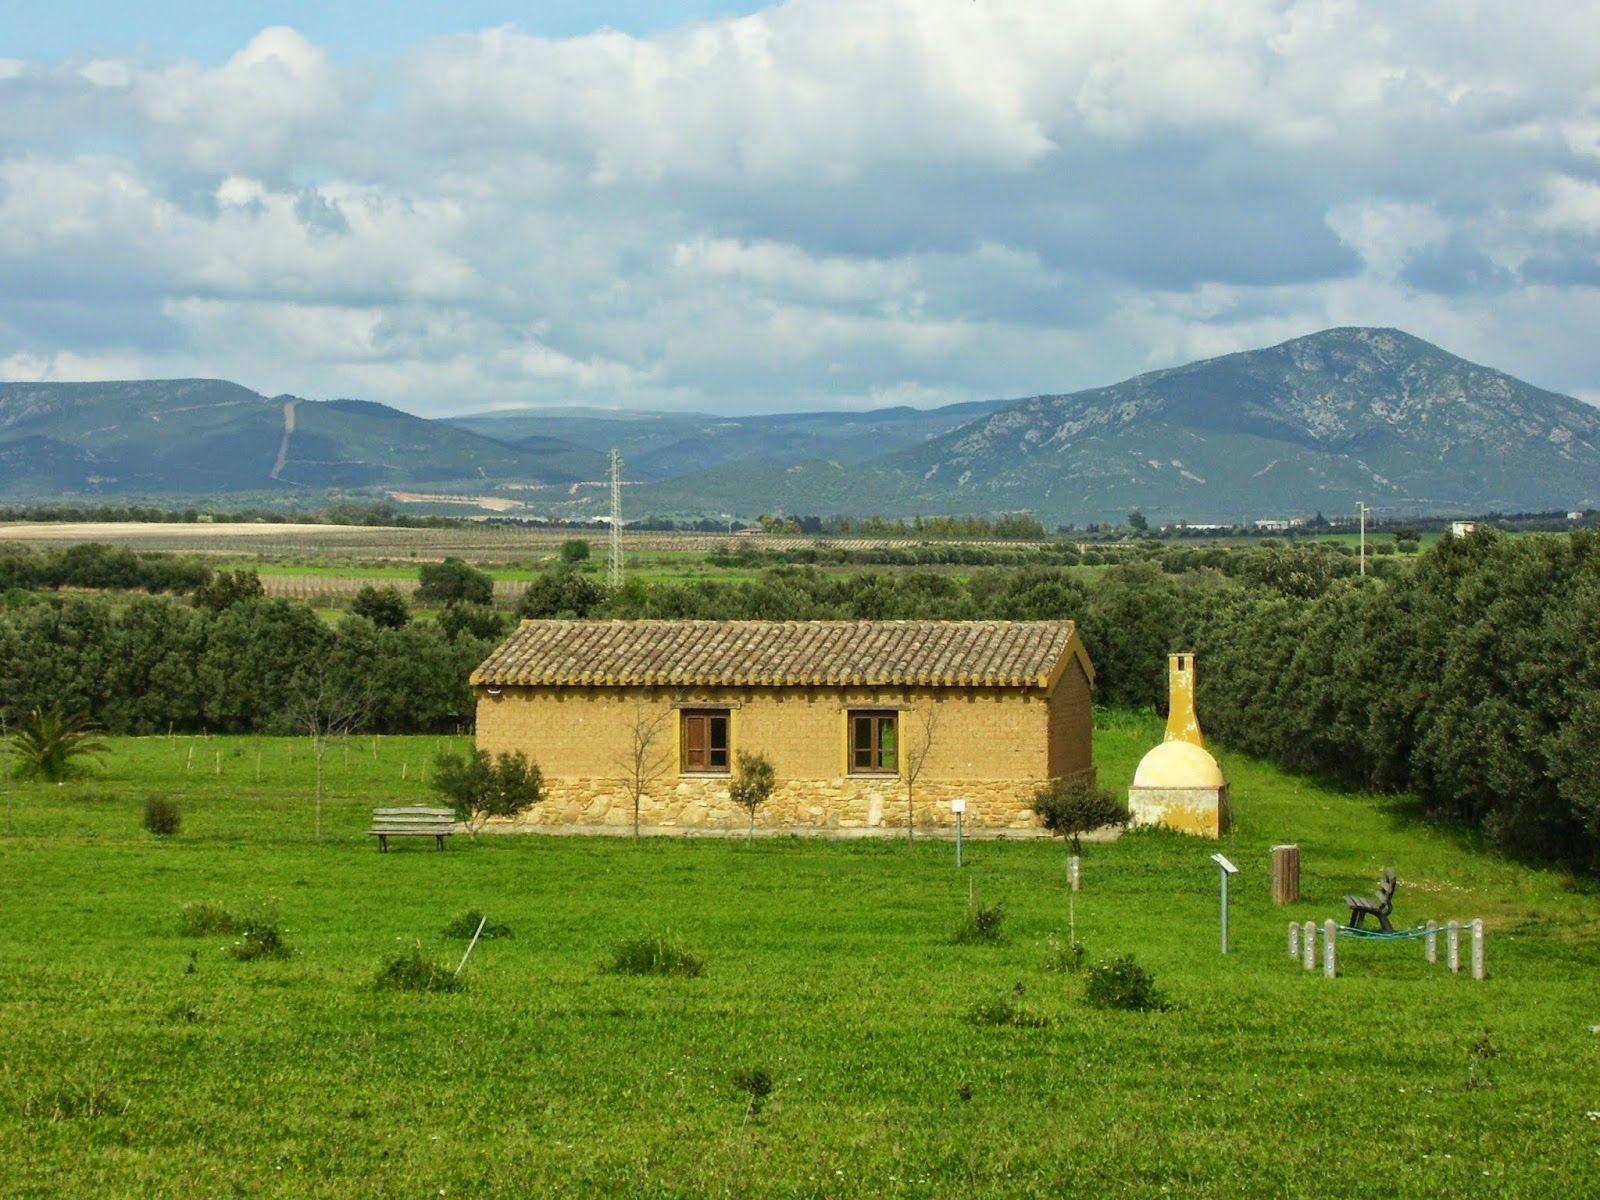 Case Di Mattoni Di Fango : Travelogue sardinia serdiana santa maria di sibiola e dintorni